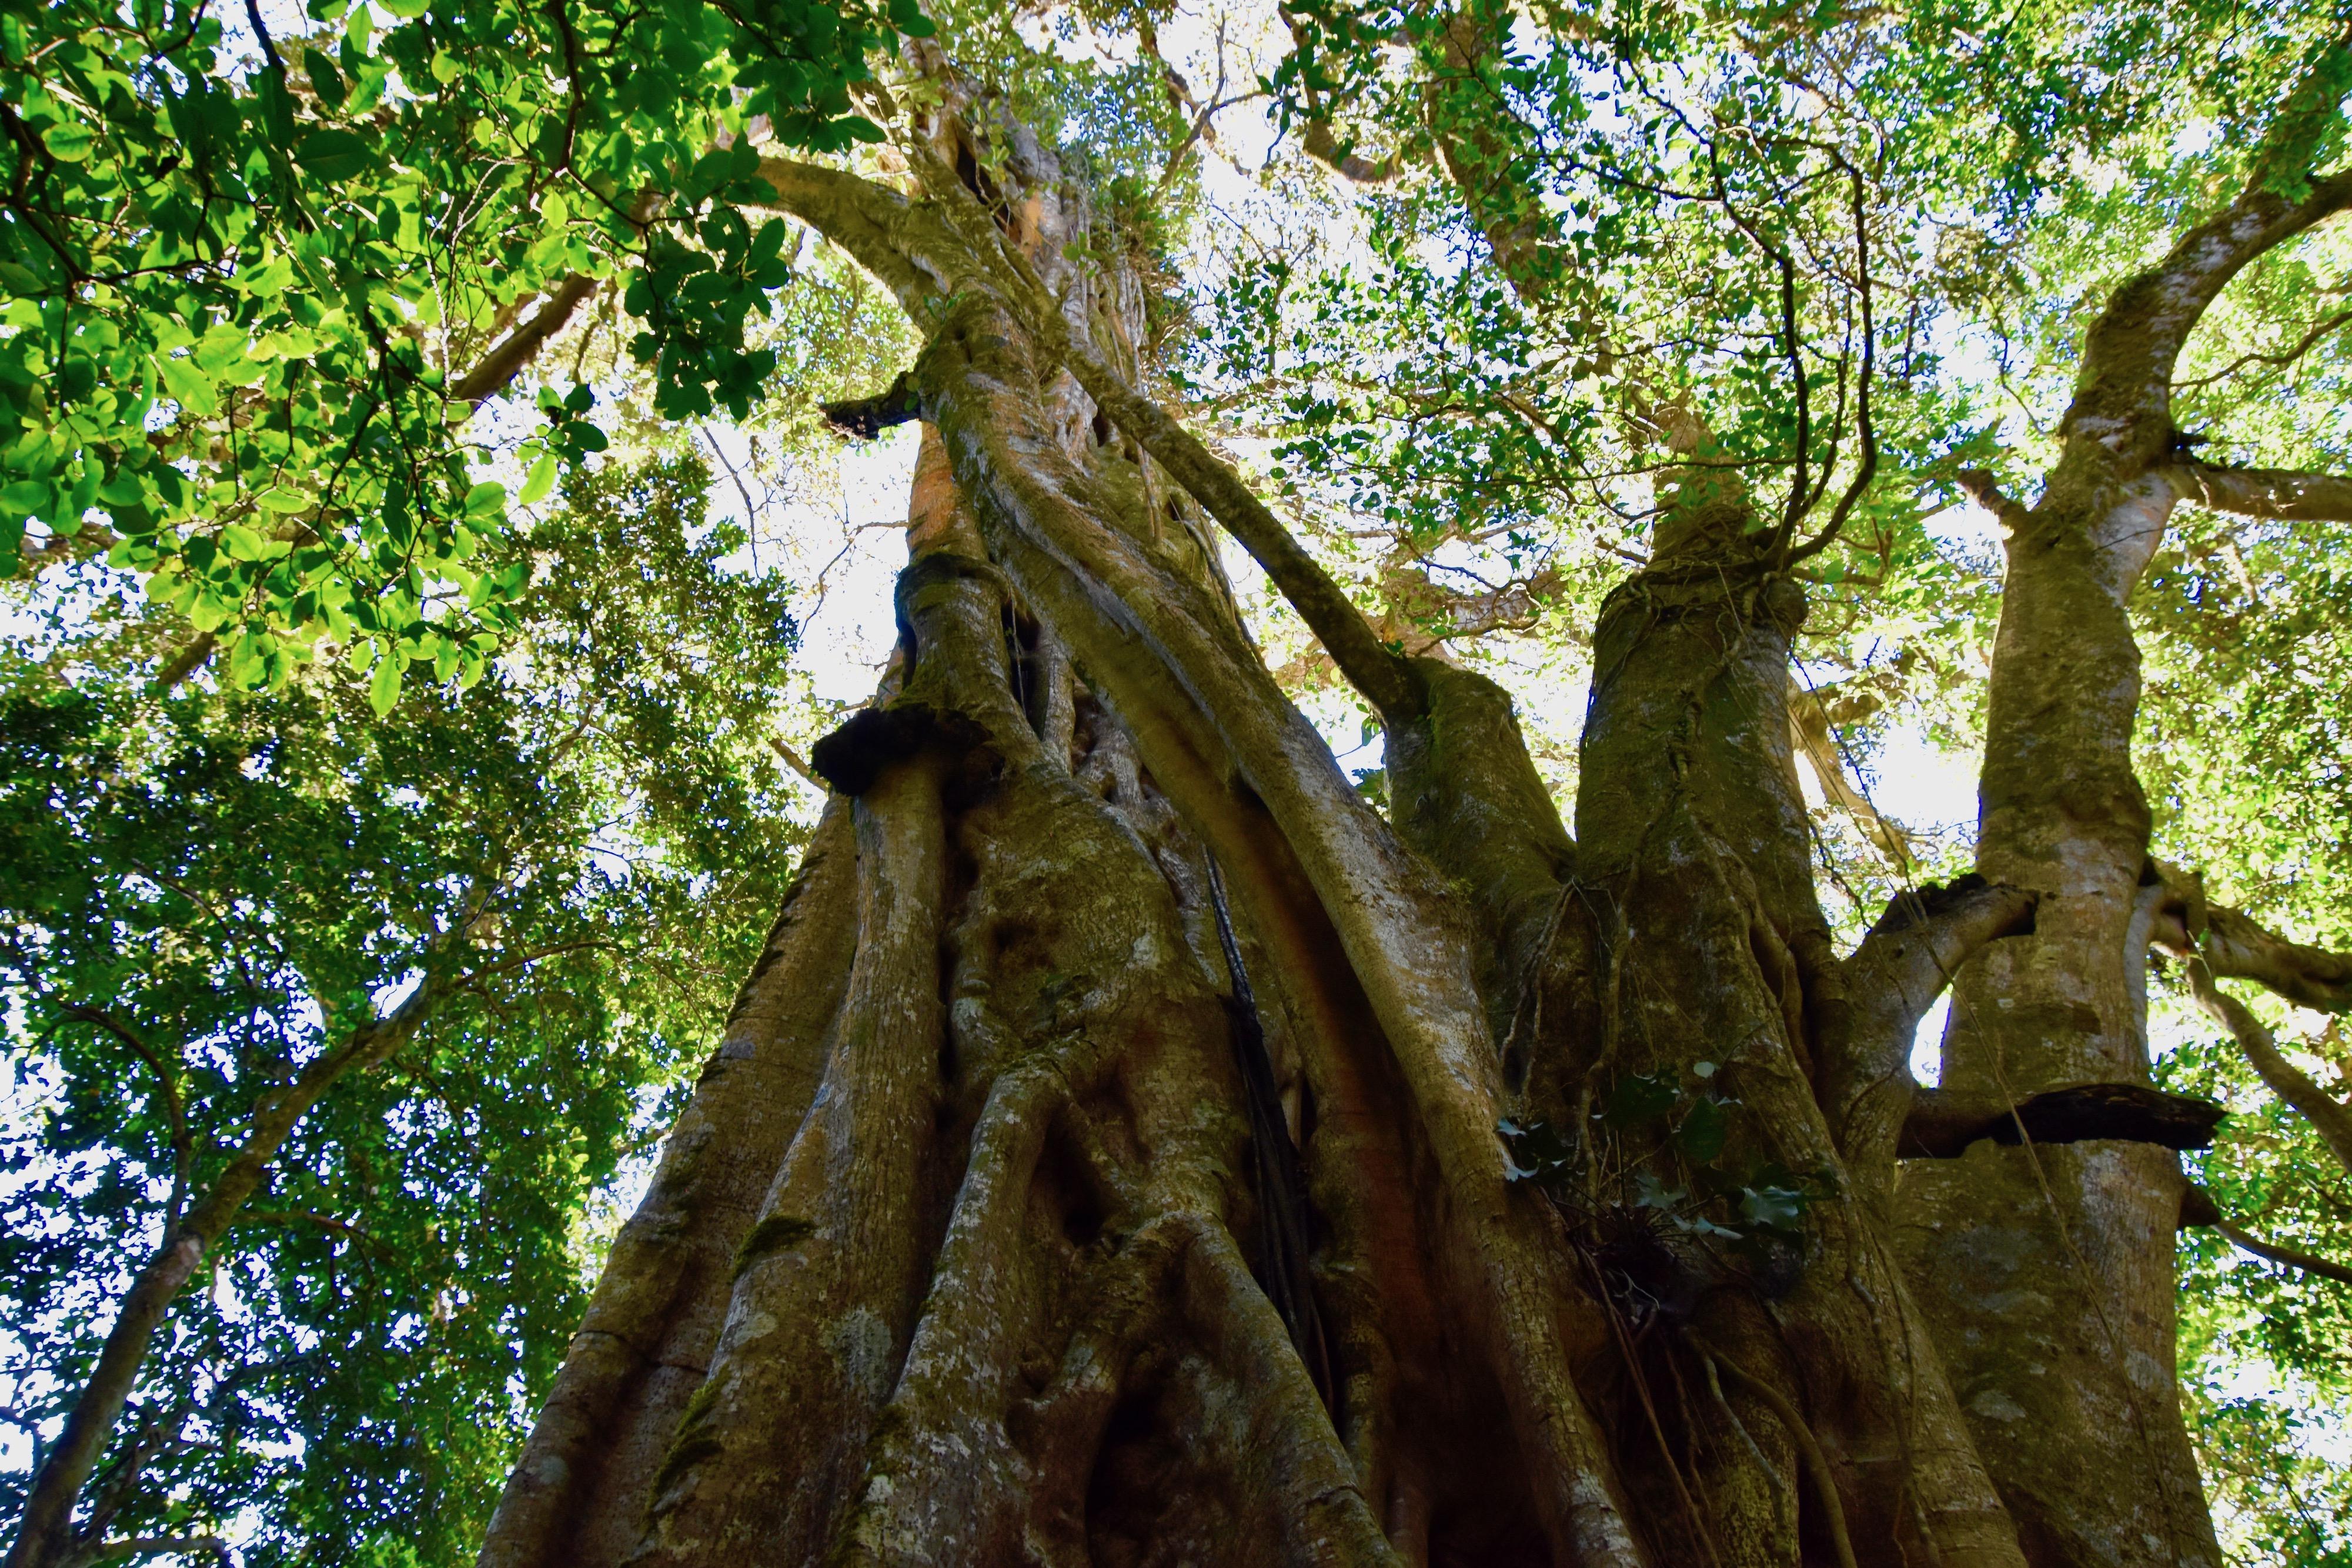 Giant Fig Tree, Monteverde